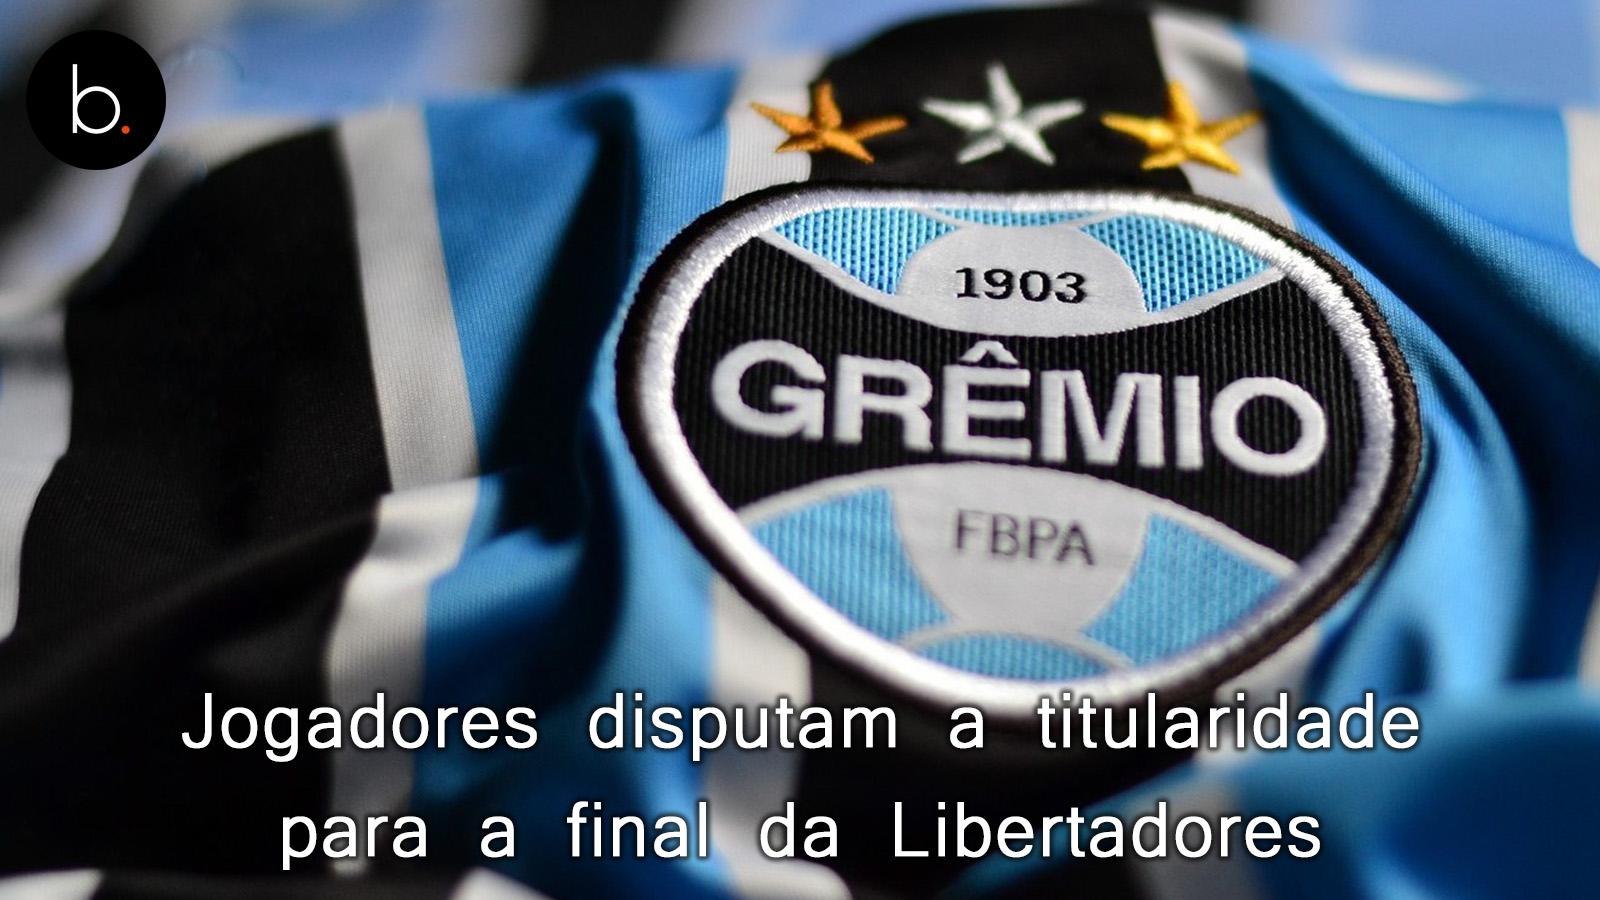 Jogadores disputam a titularidade para a final da Libertadores